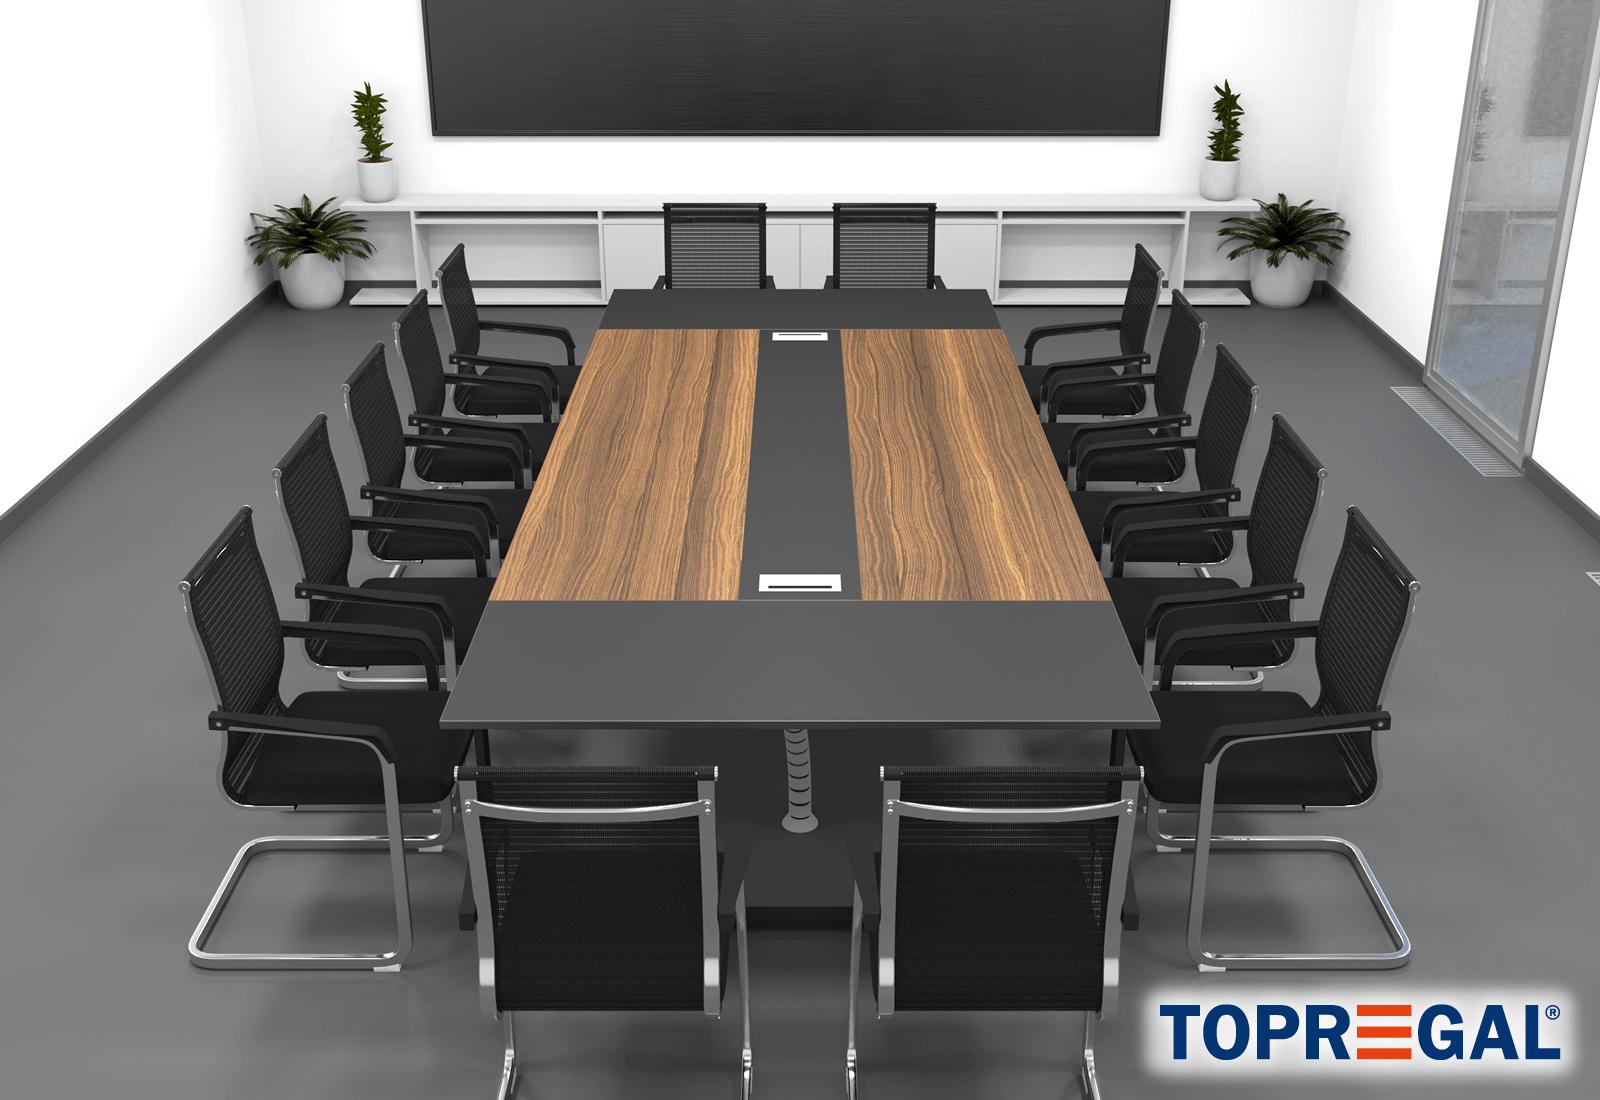 Set Stühle Konferenztisch ANJA36014 Konferenztisch MARINA UqzMpSV